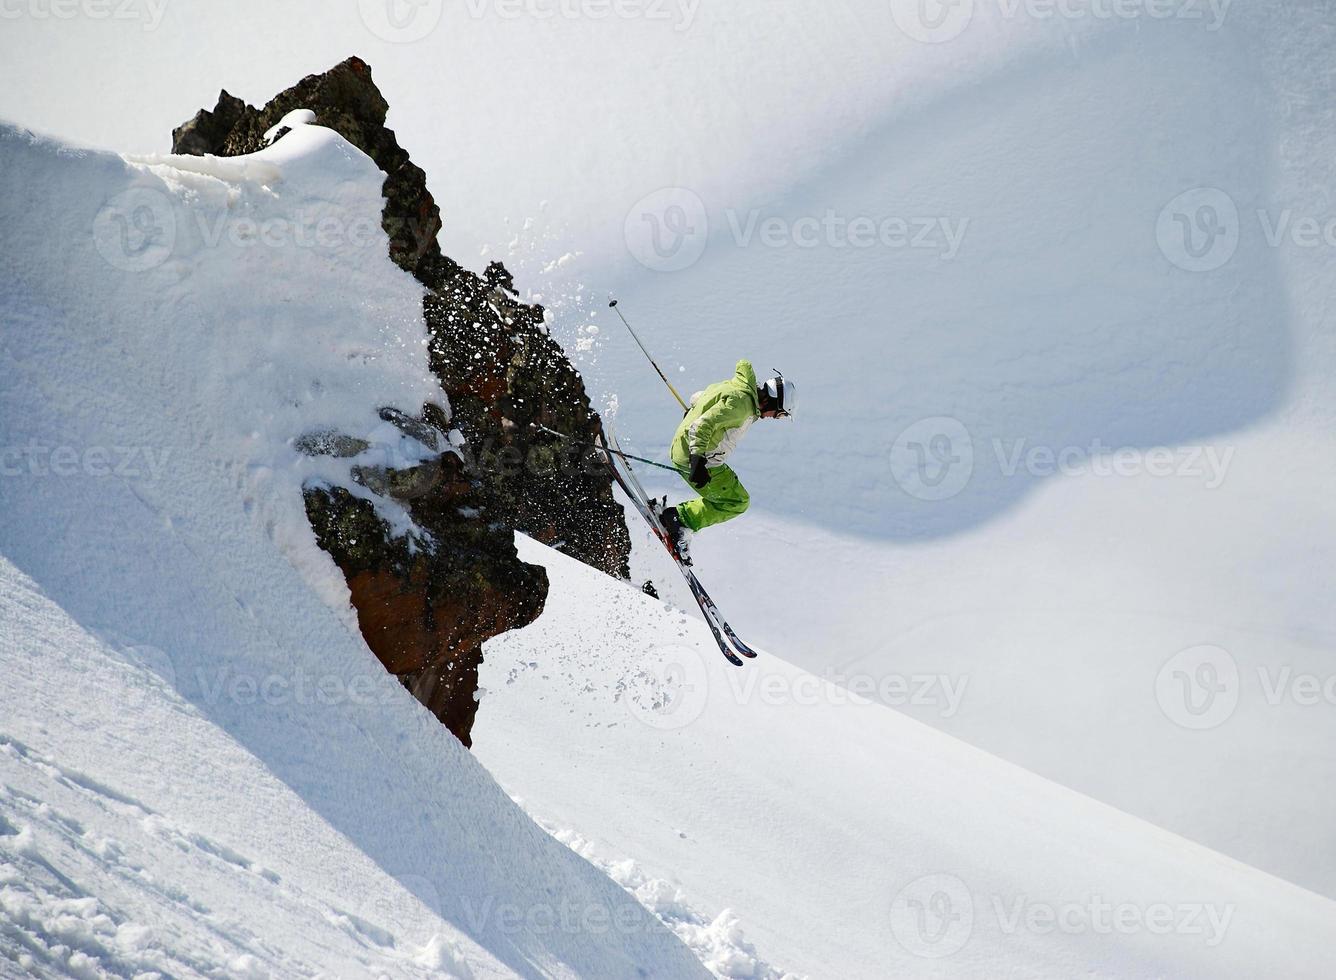 skieur sautant d'une falaise photo